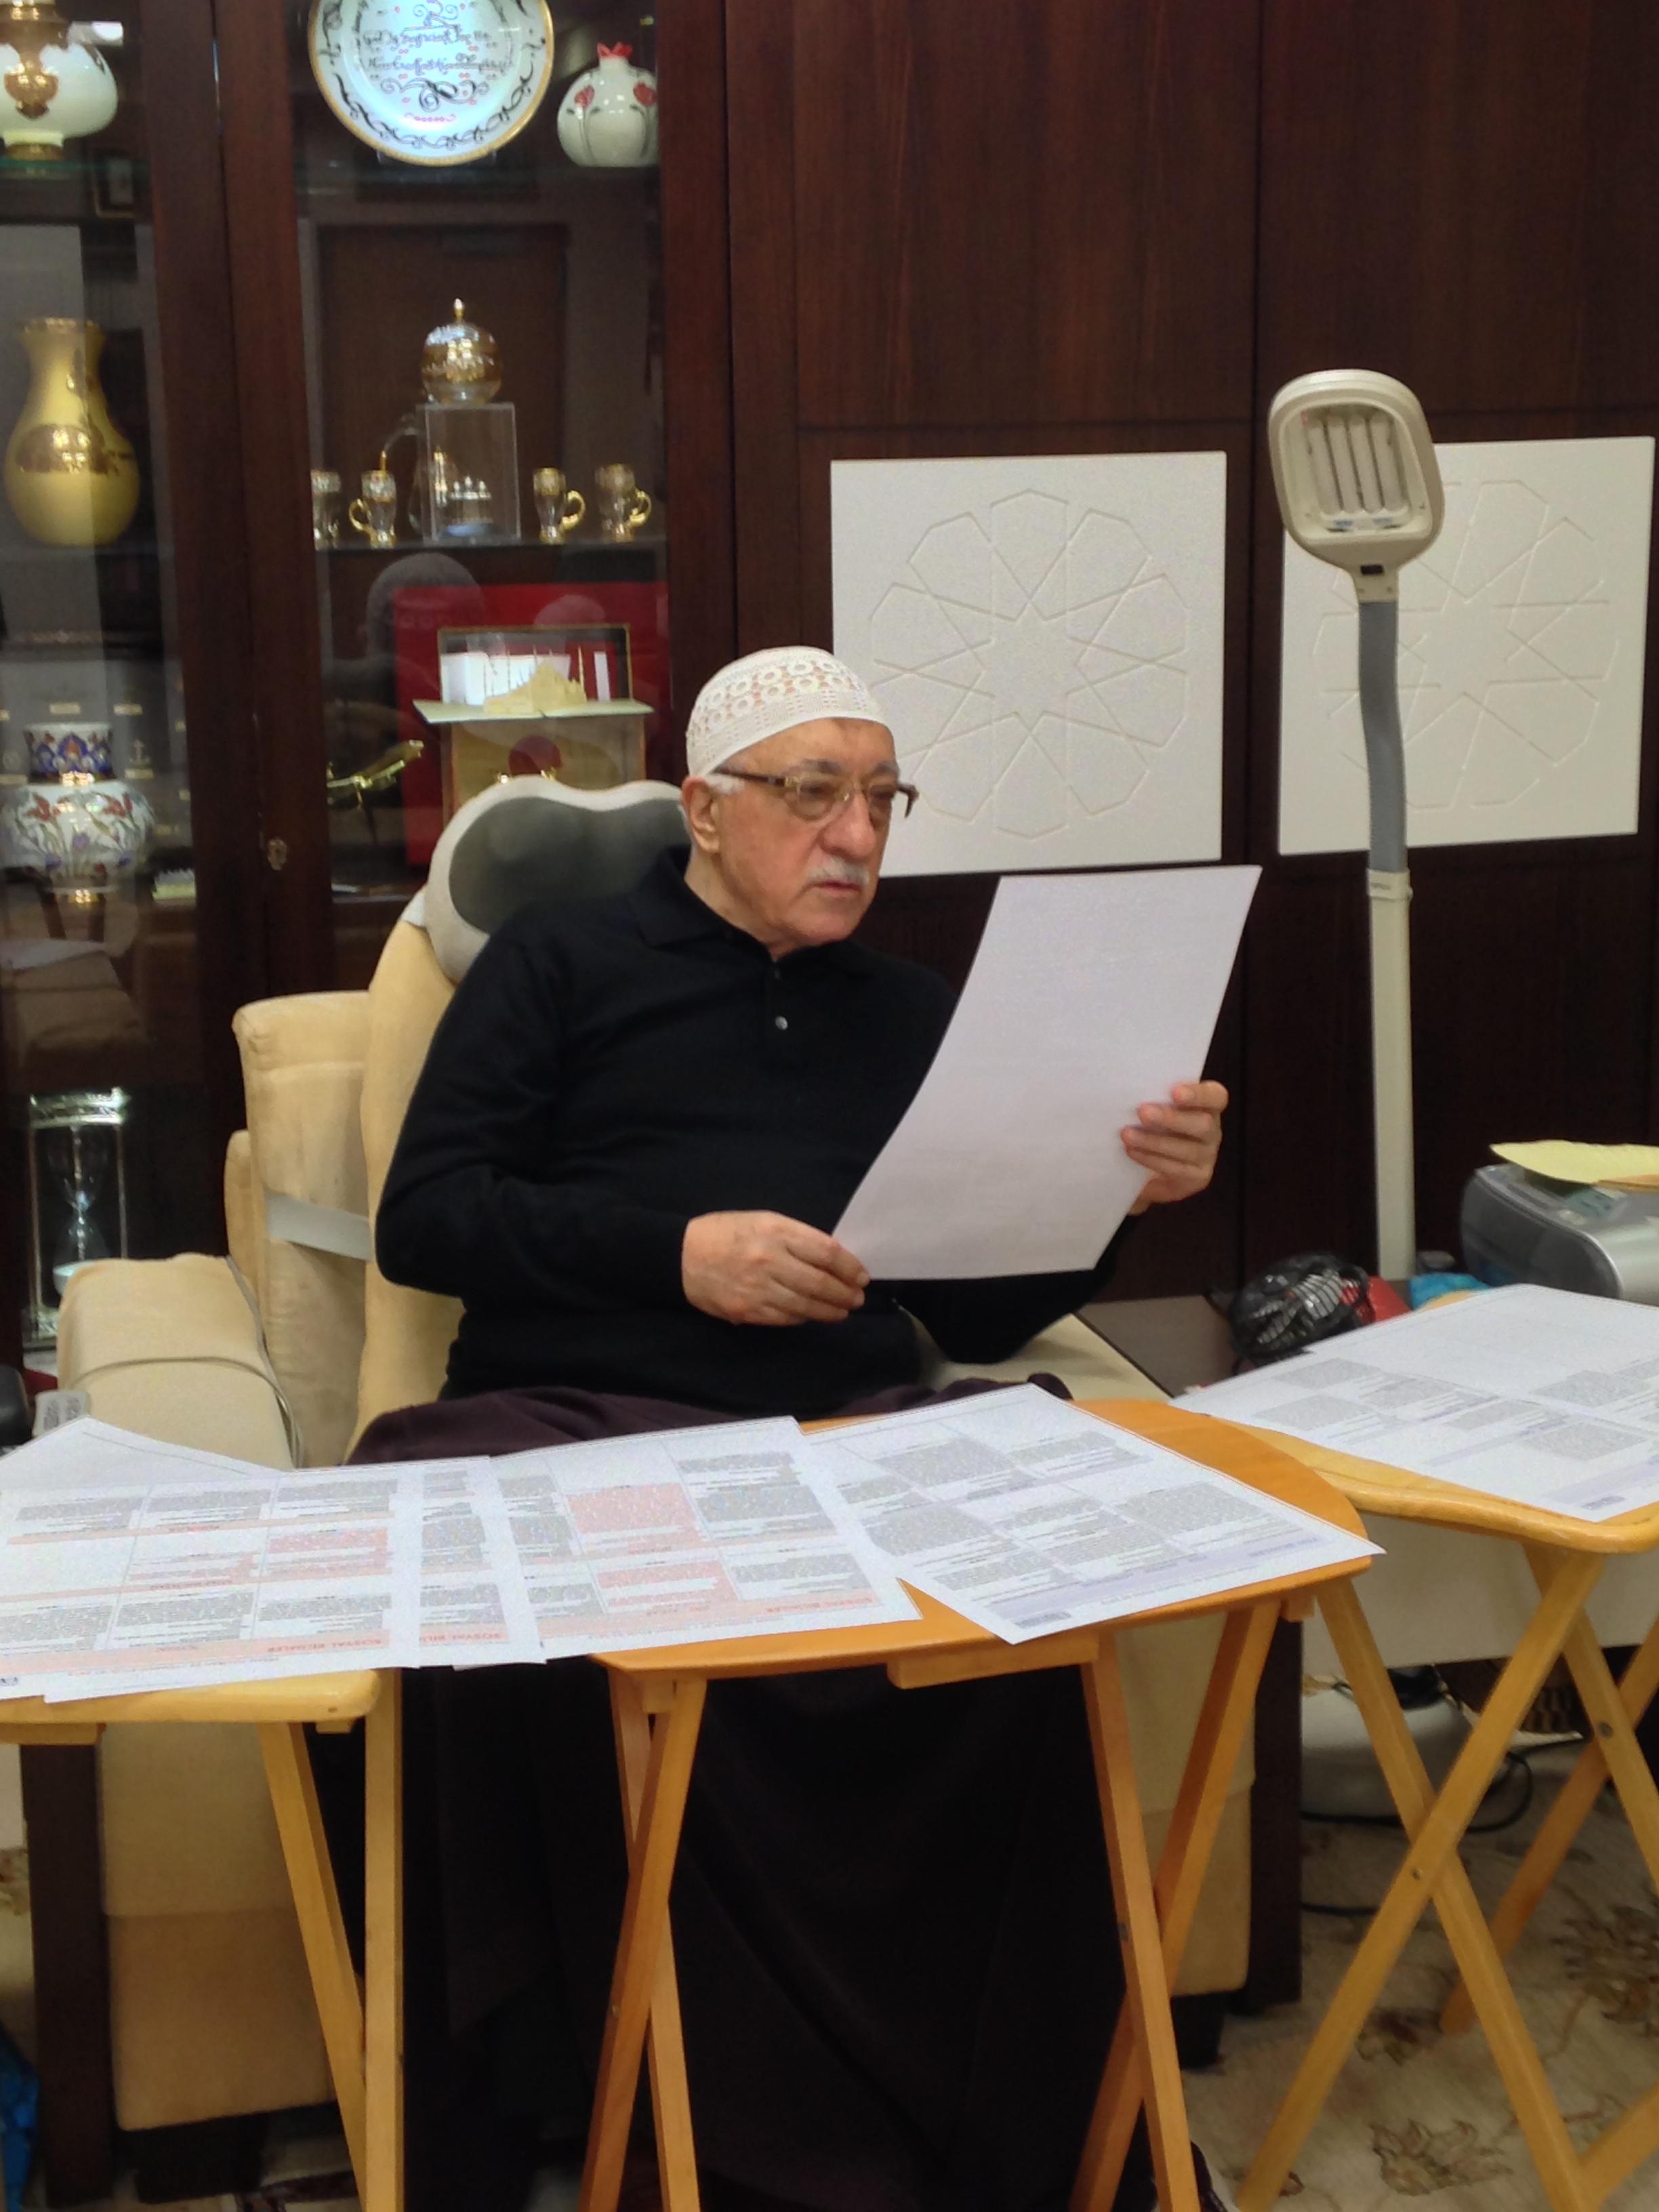 Muhterem Fethullah Gülen Hocaefendi, dergilerin gelecek sayılarında yayınlanacak makaleleri seçerken